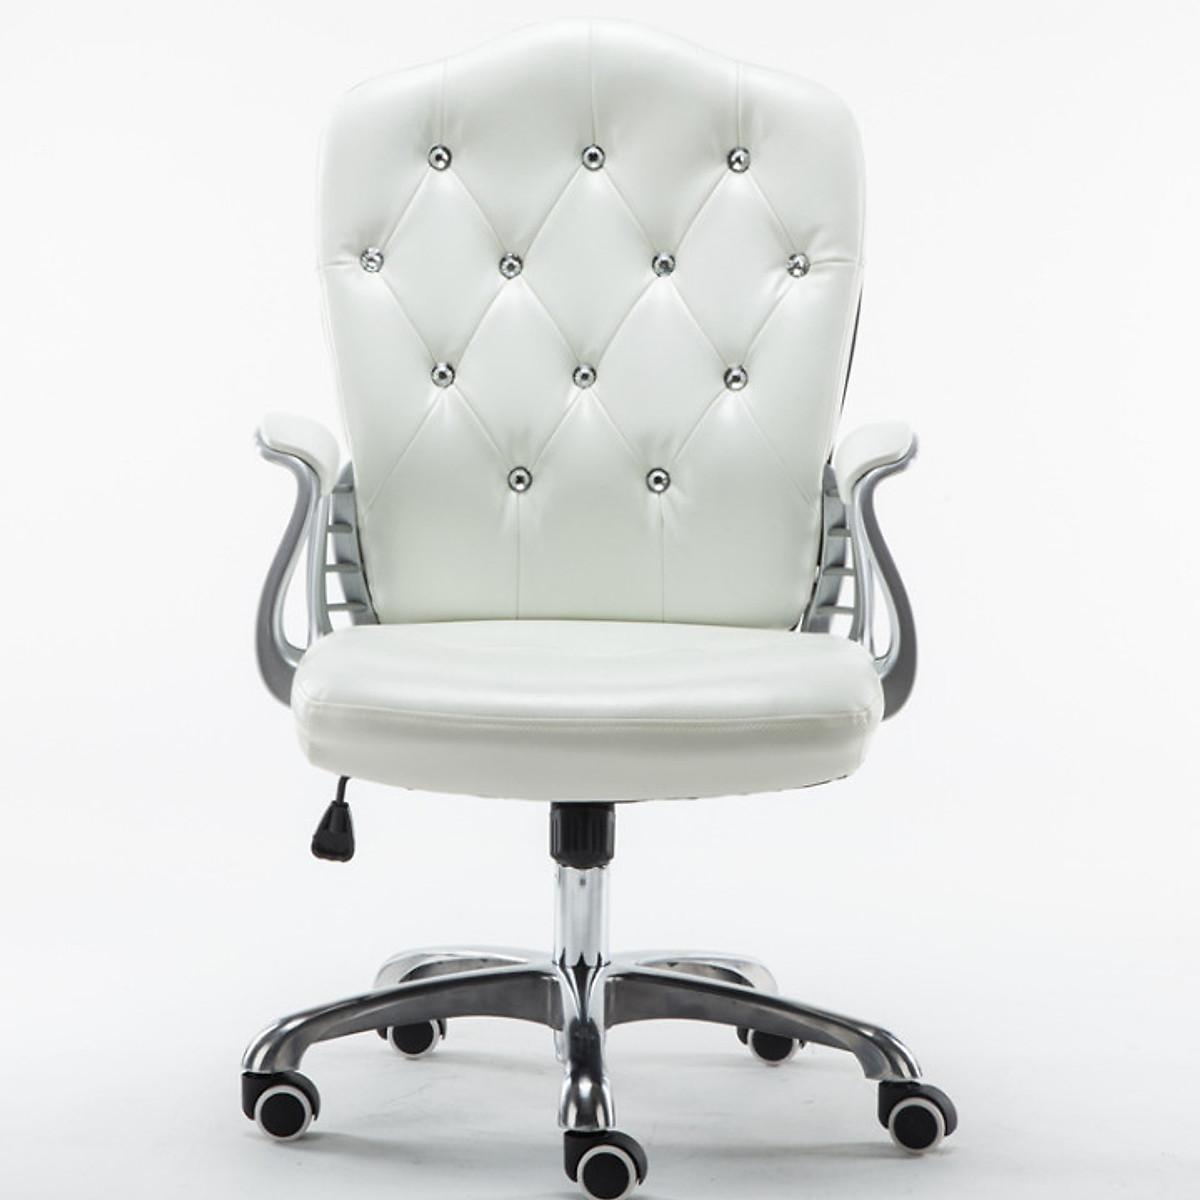 Ghế văn phòng kiểu dáng hiện đại Màu ngẫu nhiên 17